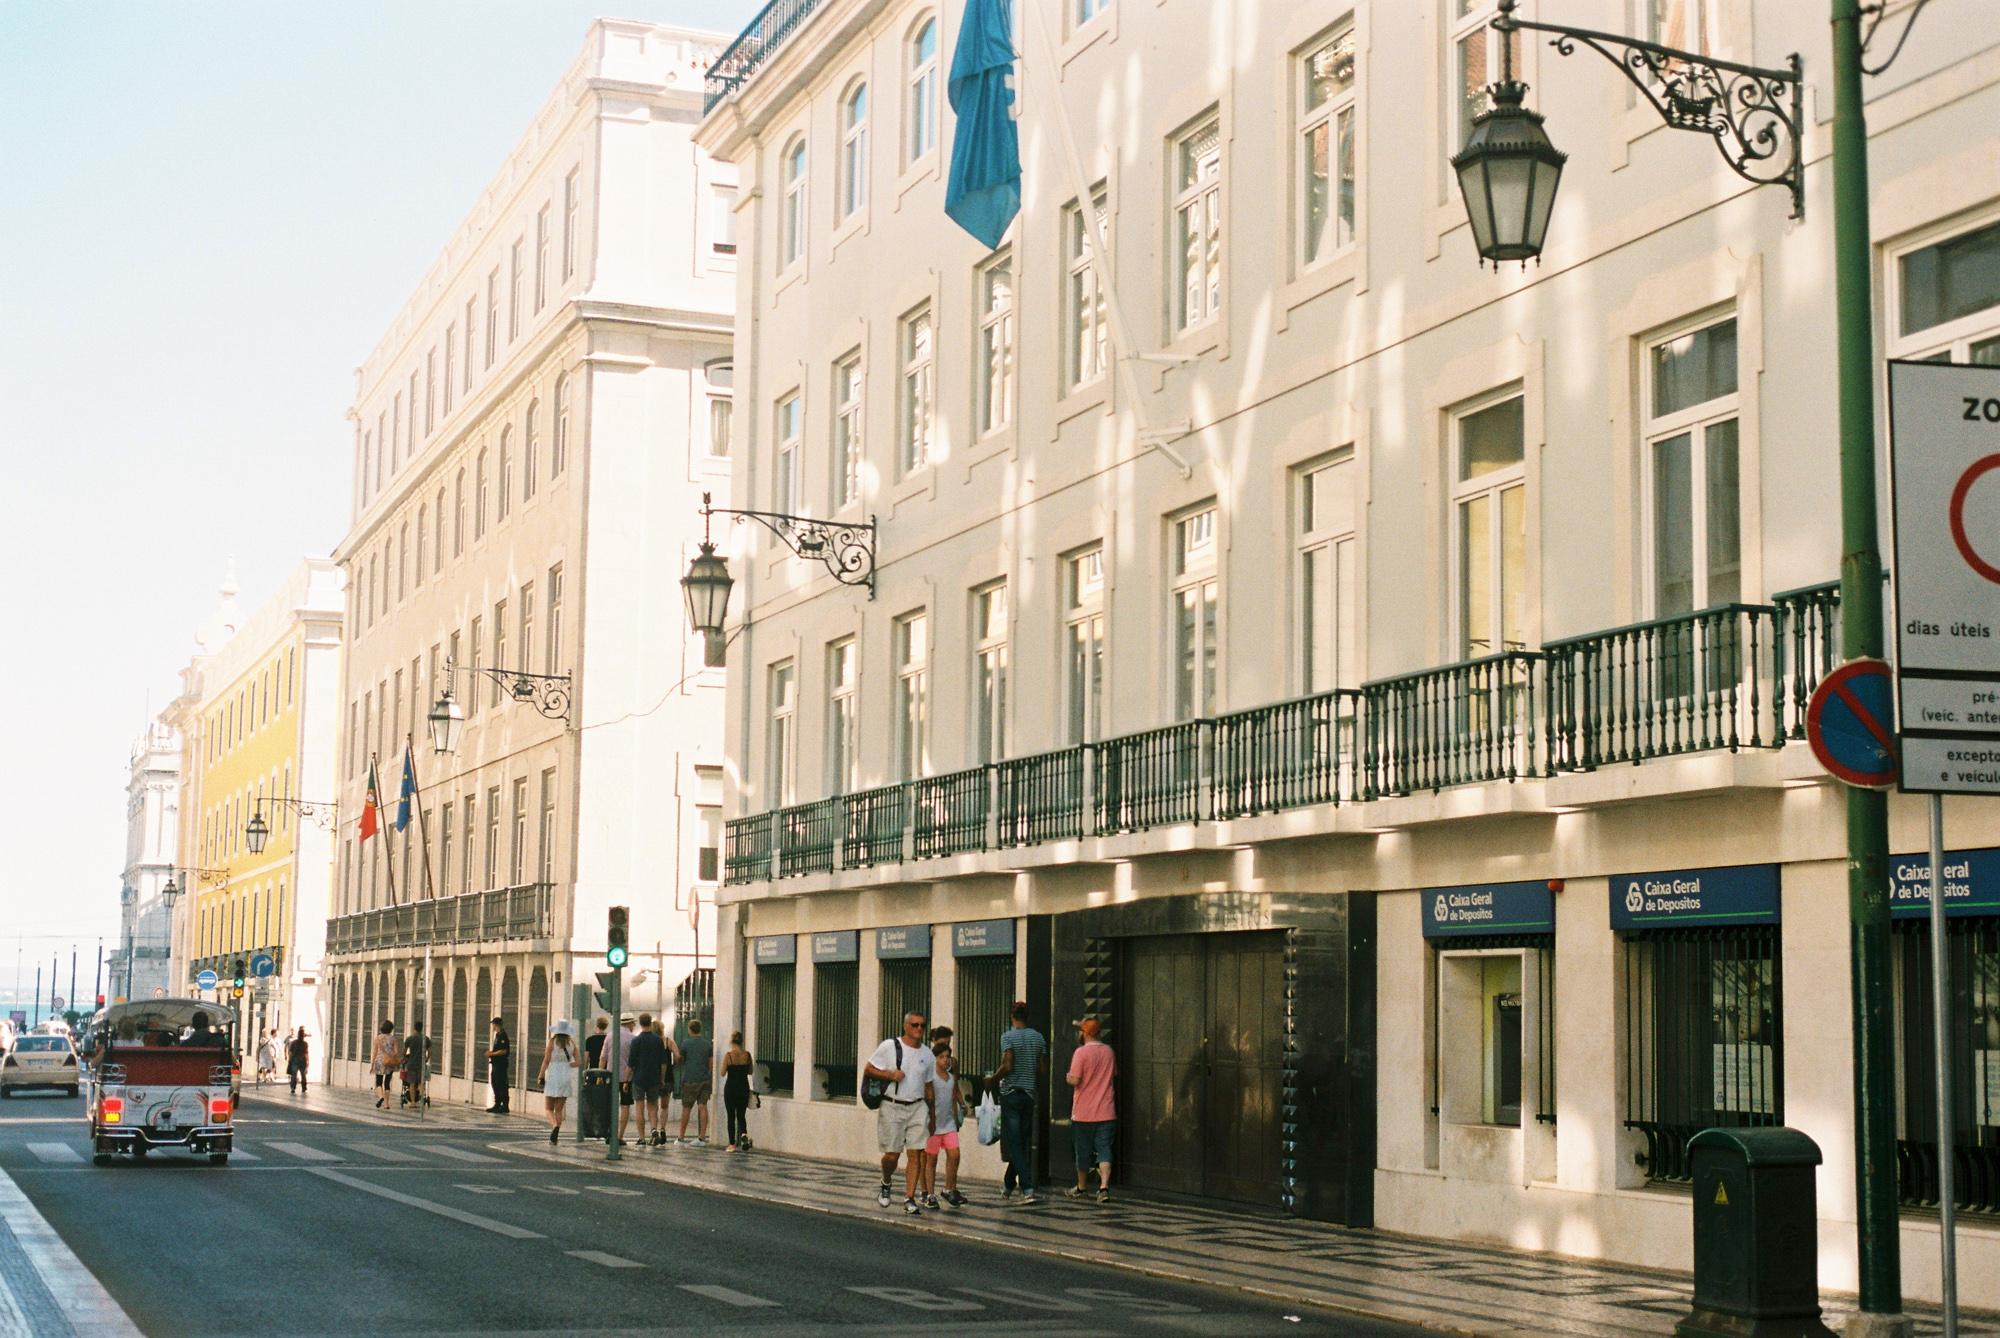 Fotografia-Analogica-Lisboa-Filme-Oceanica-8.jpg